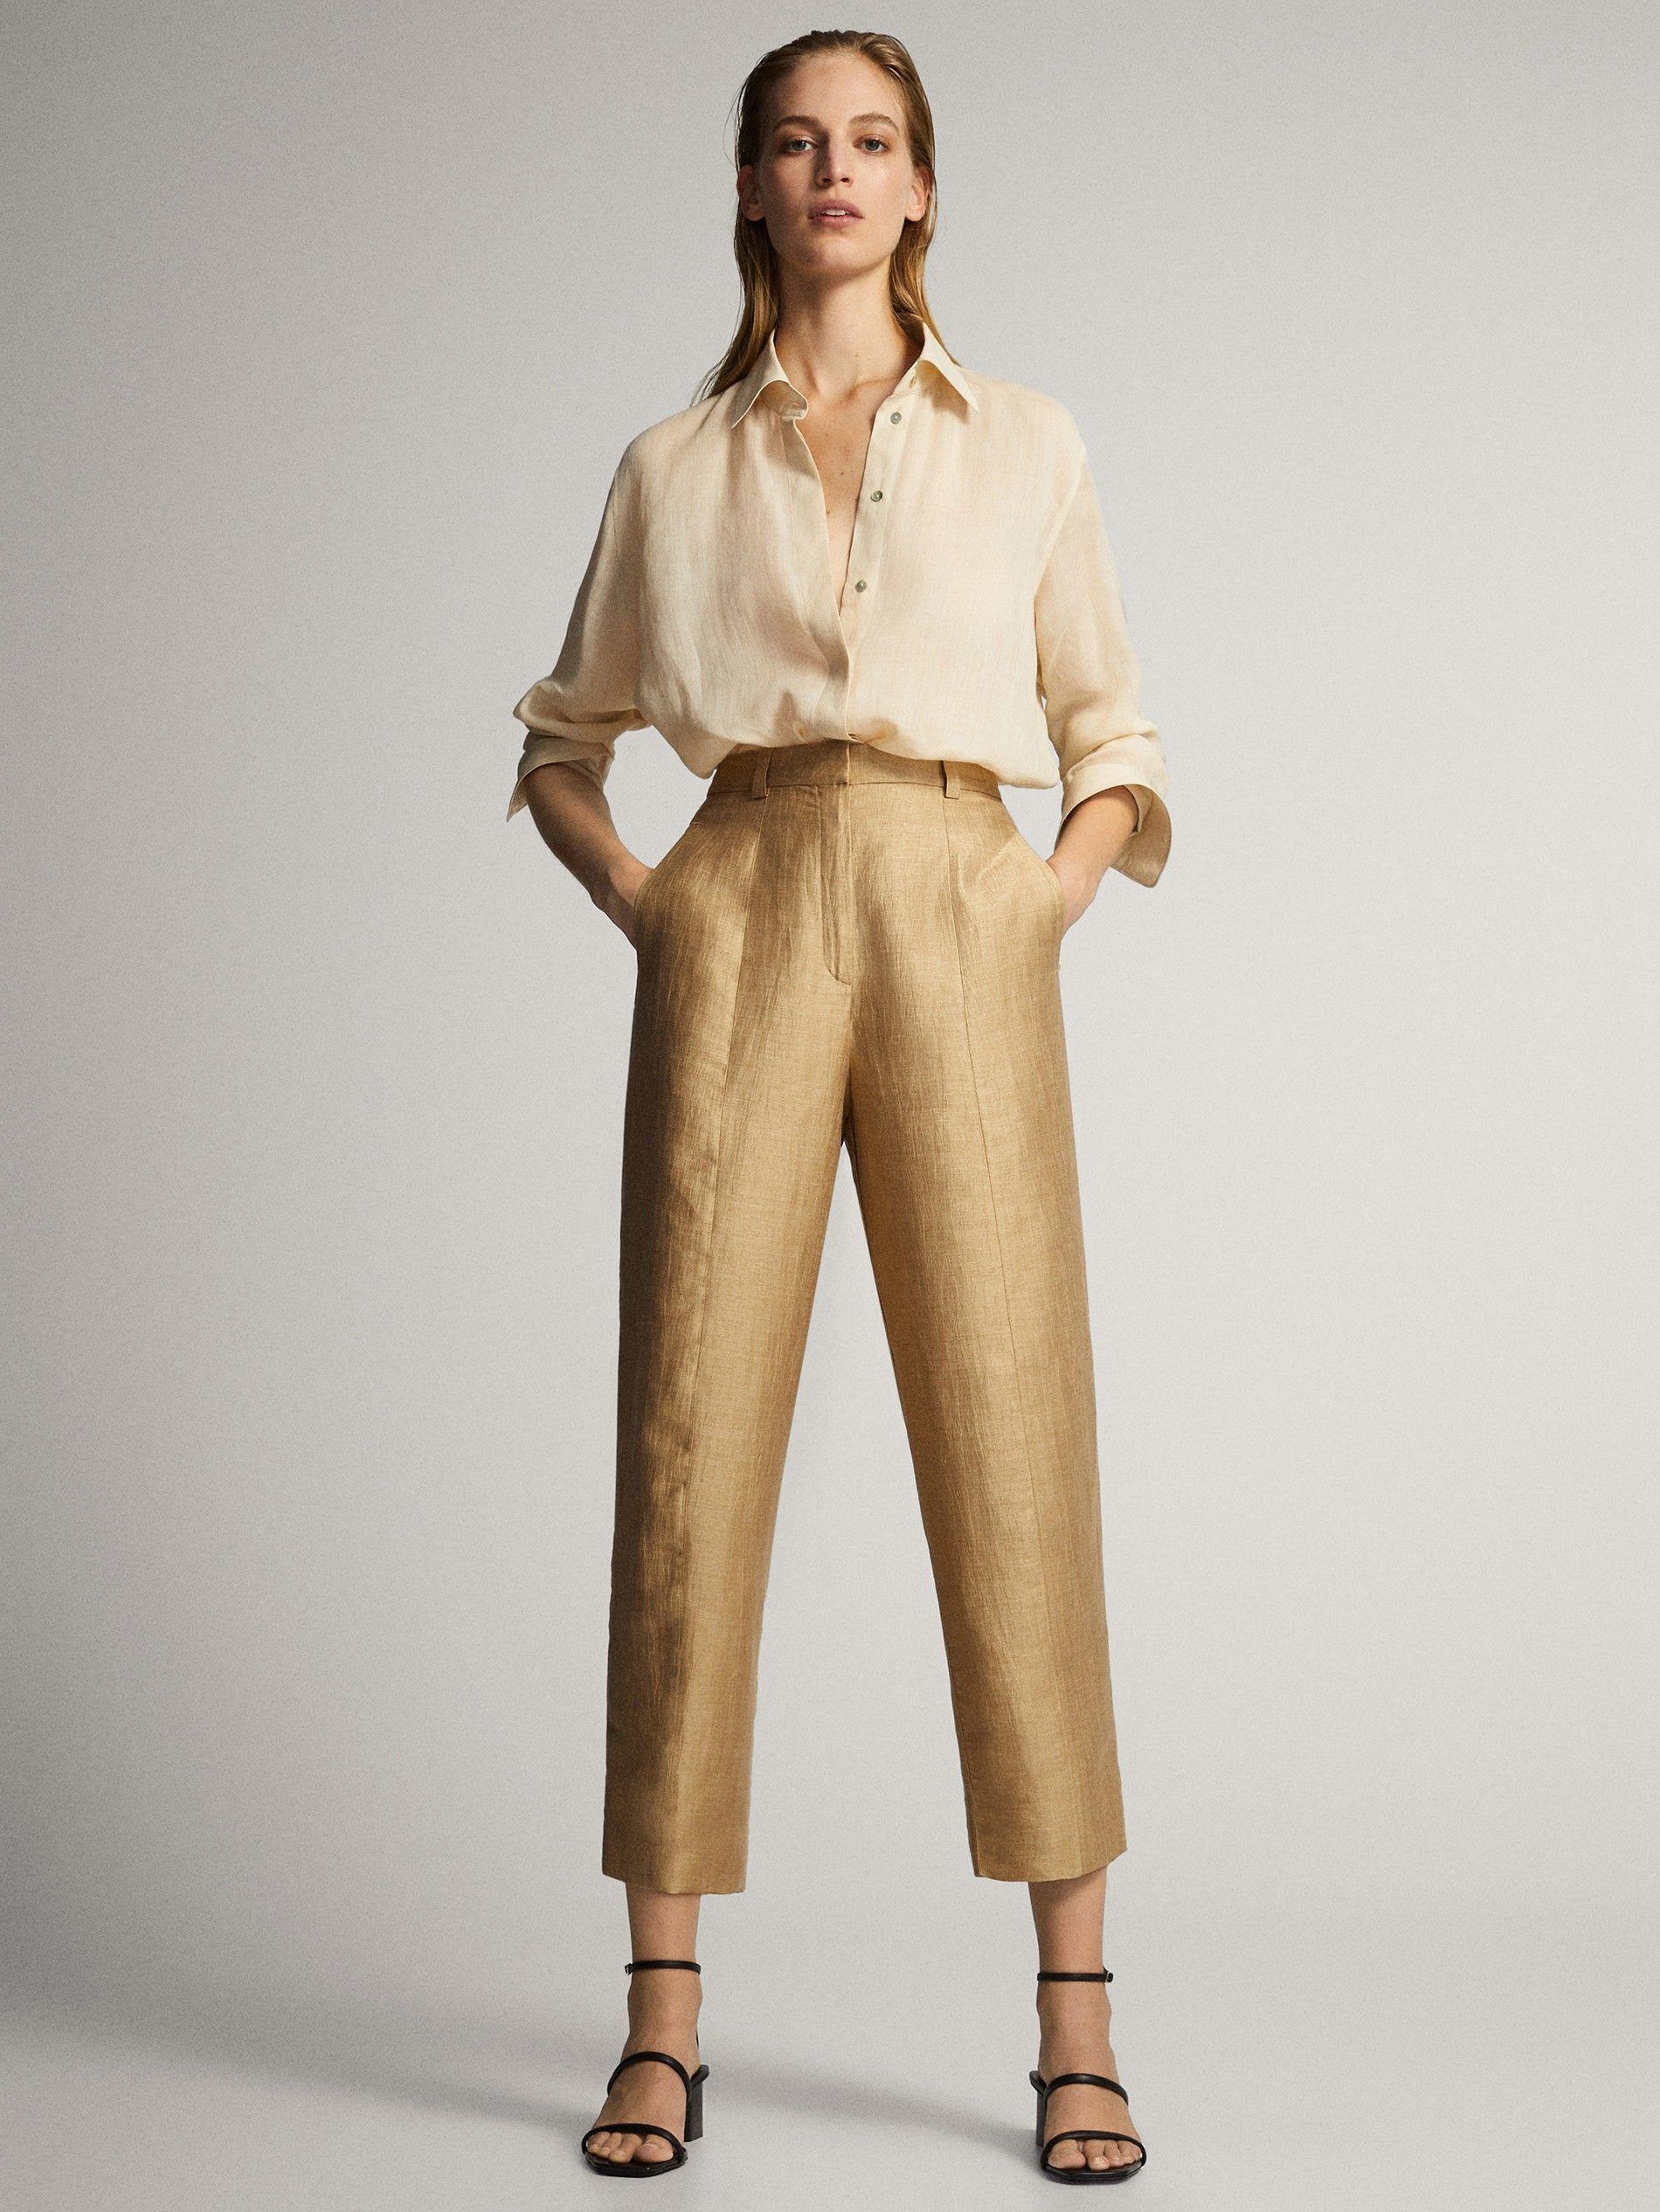 Aranyhatású lenvászon nadrág - Massimo Dutti